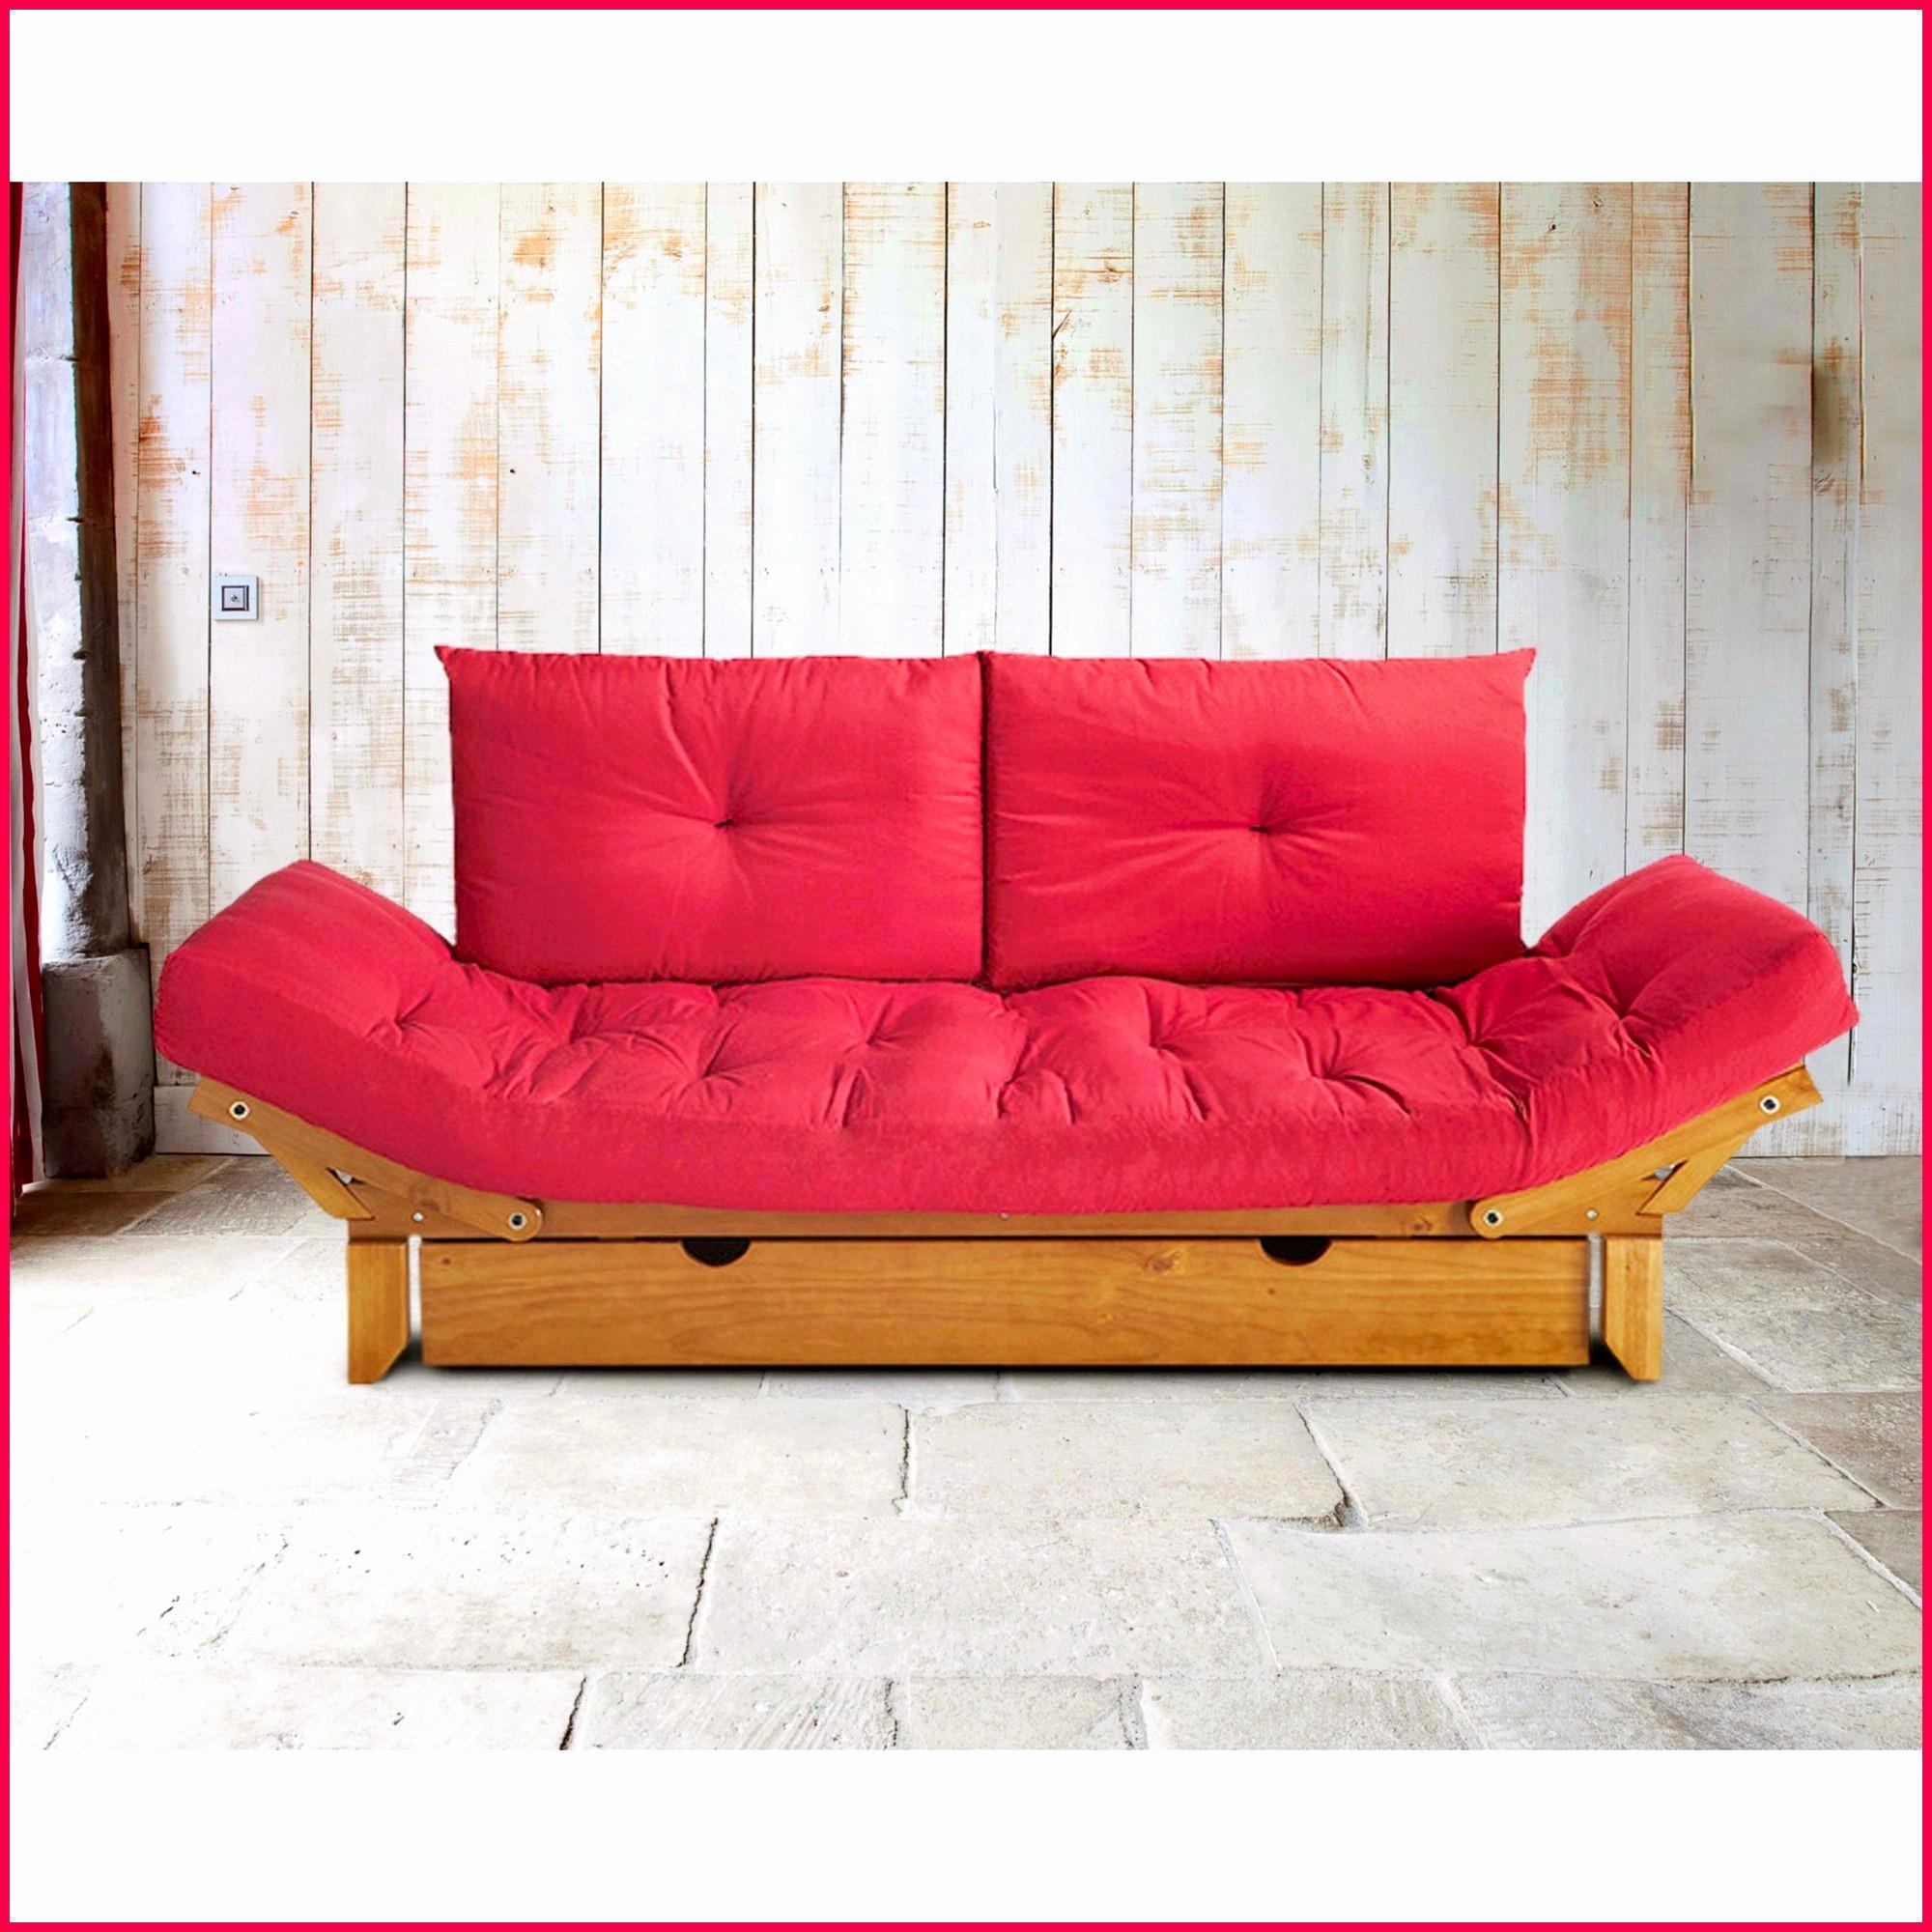 Bz Pas Cher Ikea Luxe Image Bz Ikea 2 Places élégant Bz Futon Best Matelas Banquette Bz Meilleur